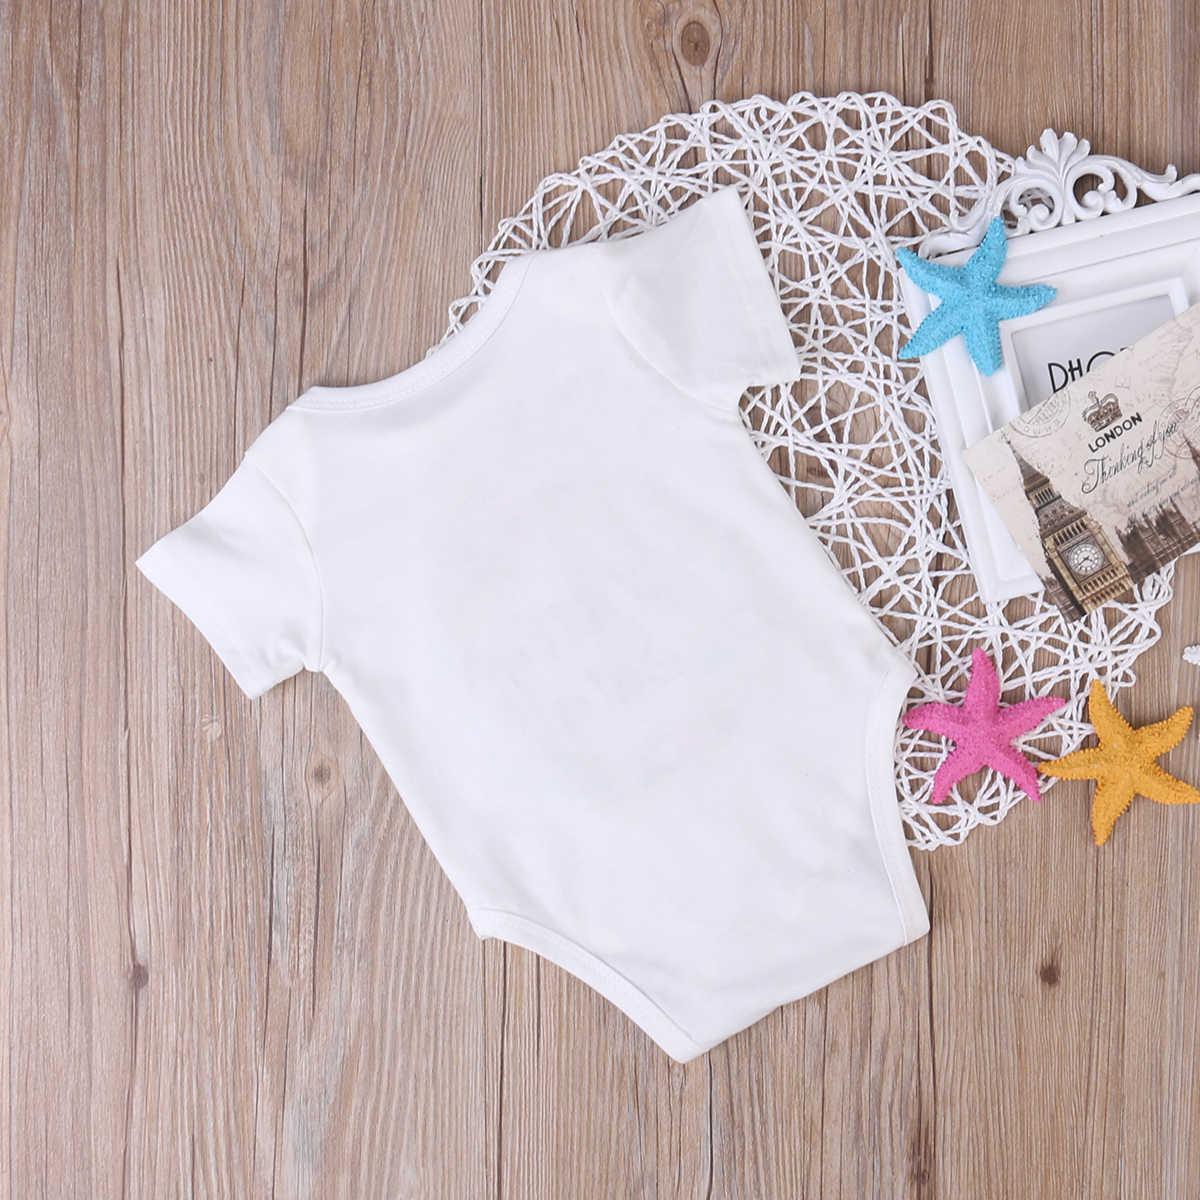 Ropa de bebé niña verano bebé niños niña pequeña hermana mayor partido ropa mono mameluco trajes camiseta familia juego trajes